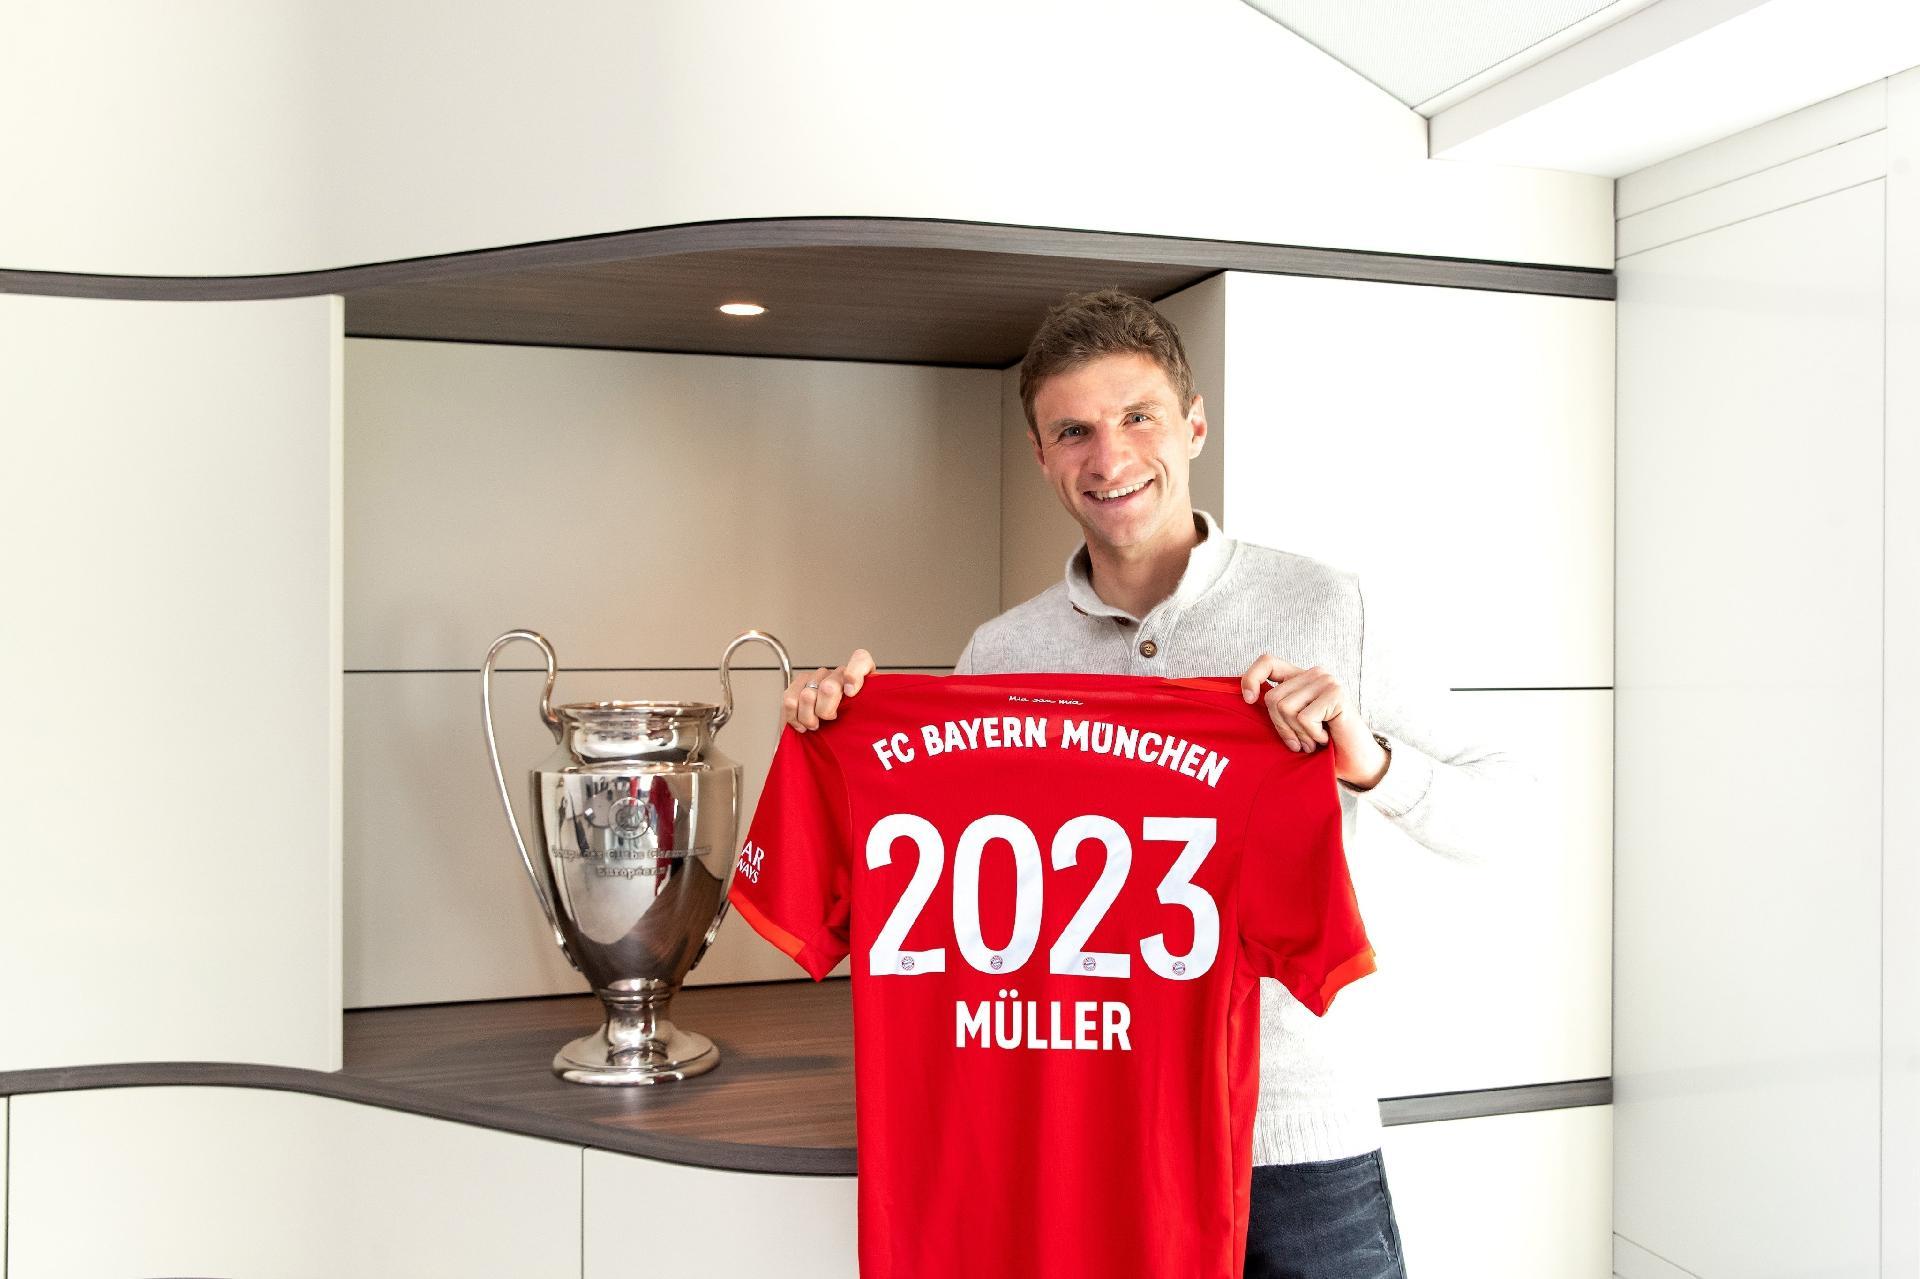 Bayern de Munique: Muller reclama de possíveis contratações caras após  corte de salários